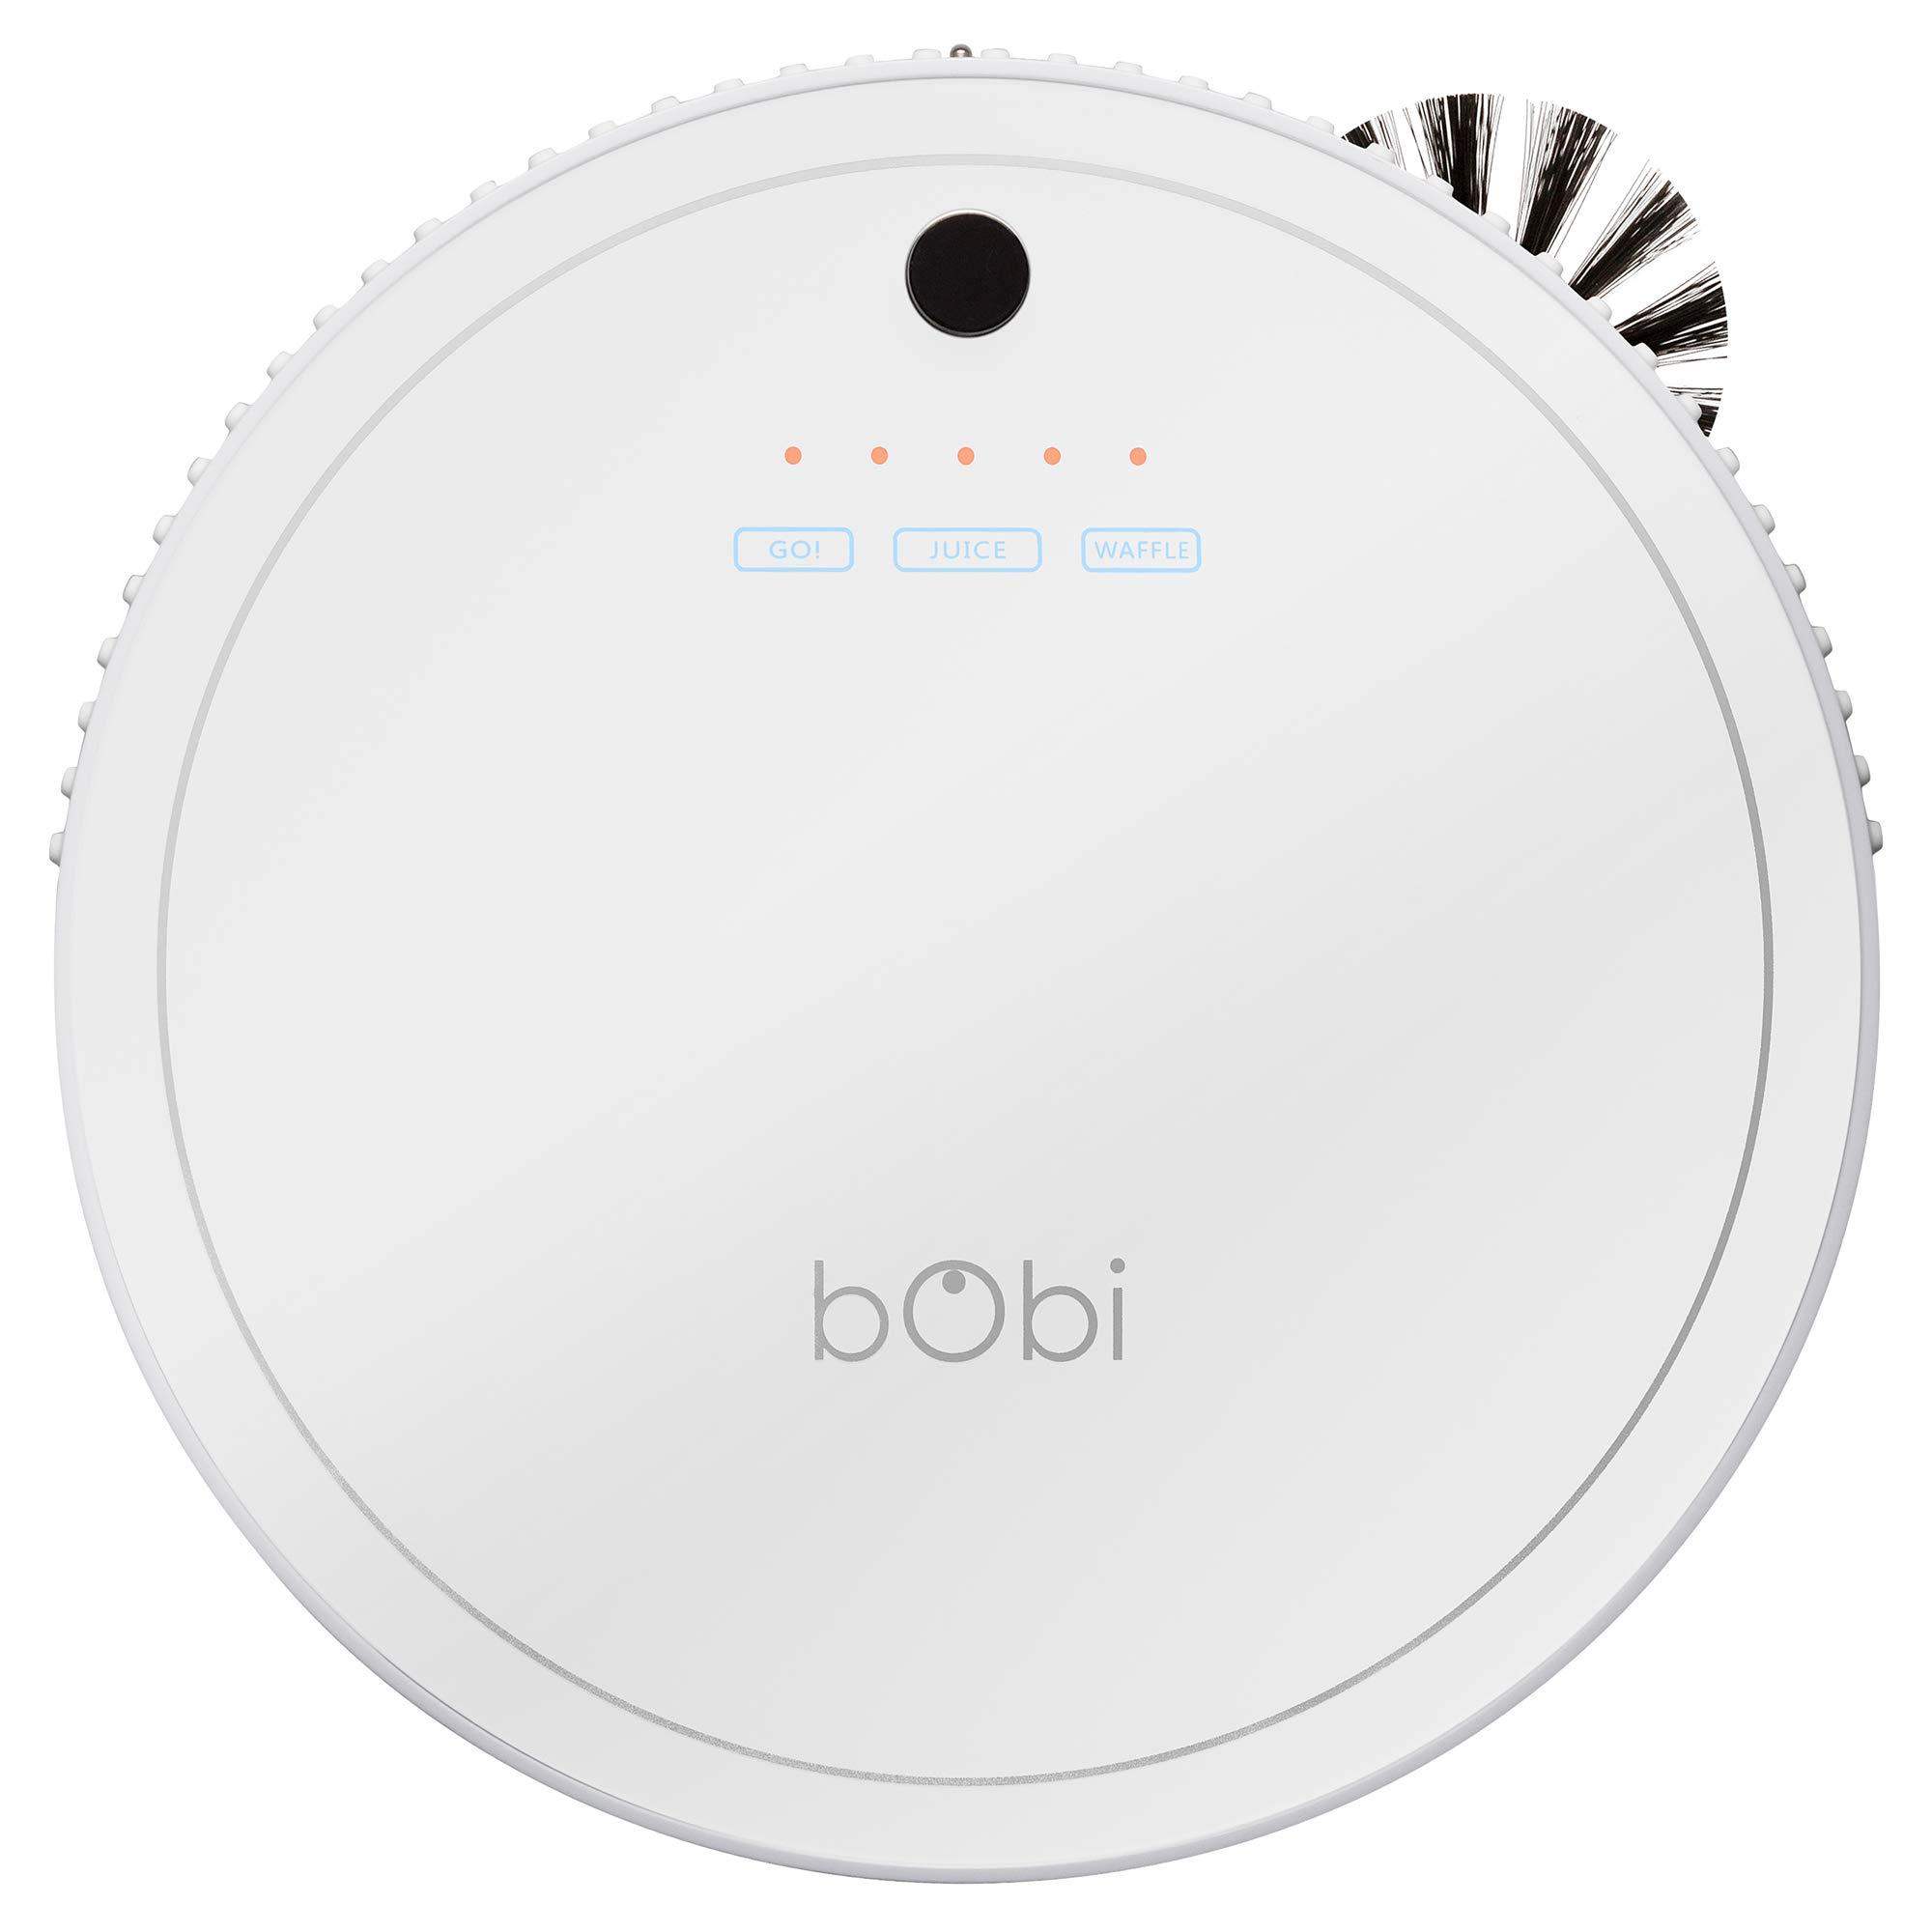 d084ad15d8c Amazon.com - bObi Classic Robotic Vacuum Cleaner